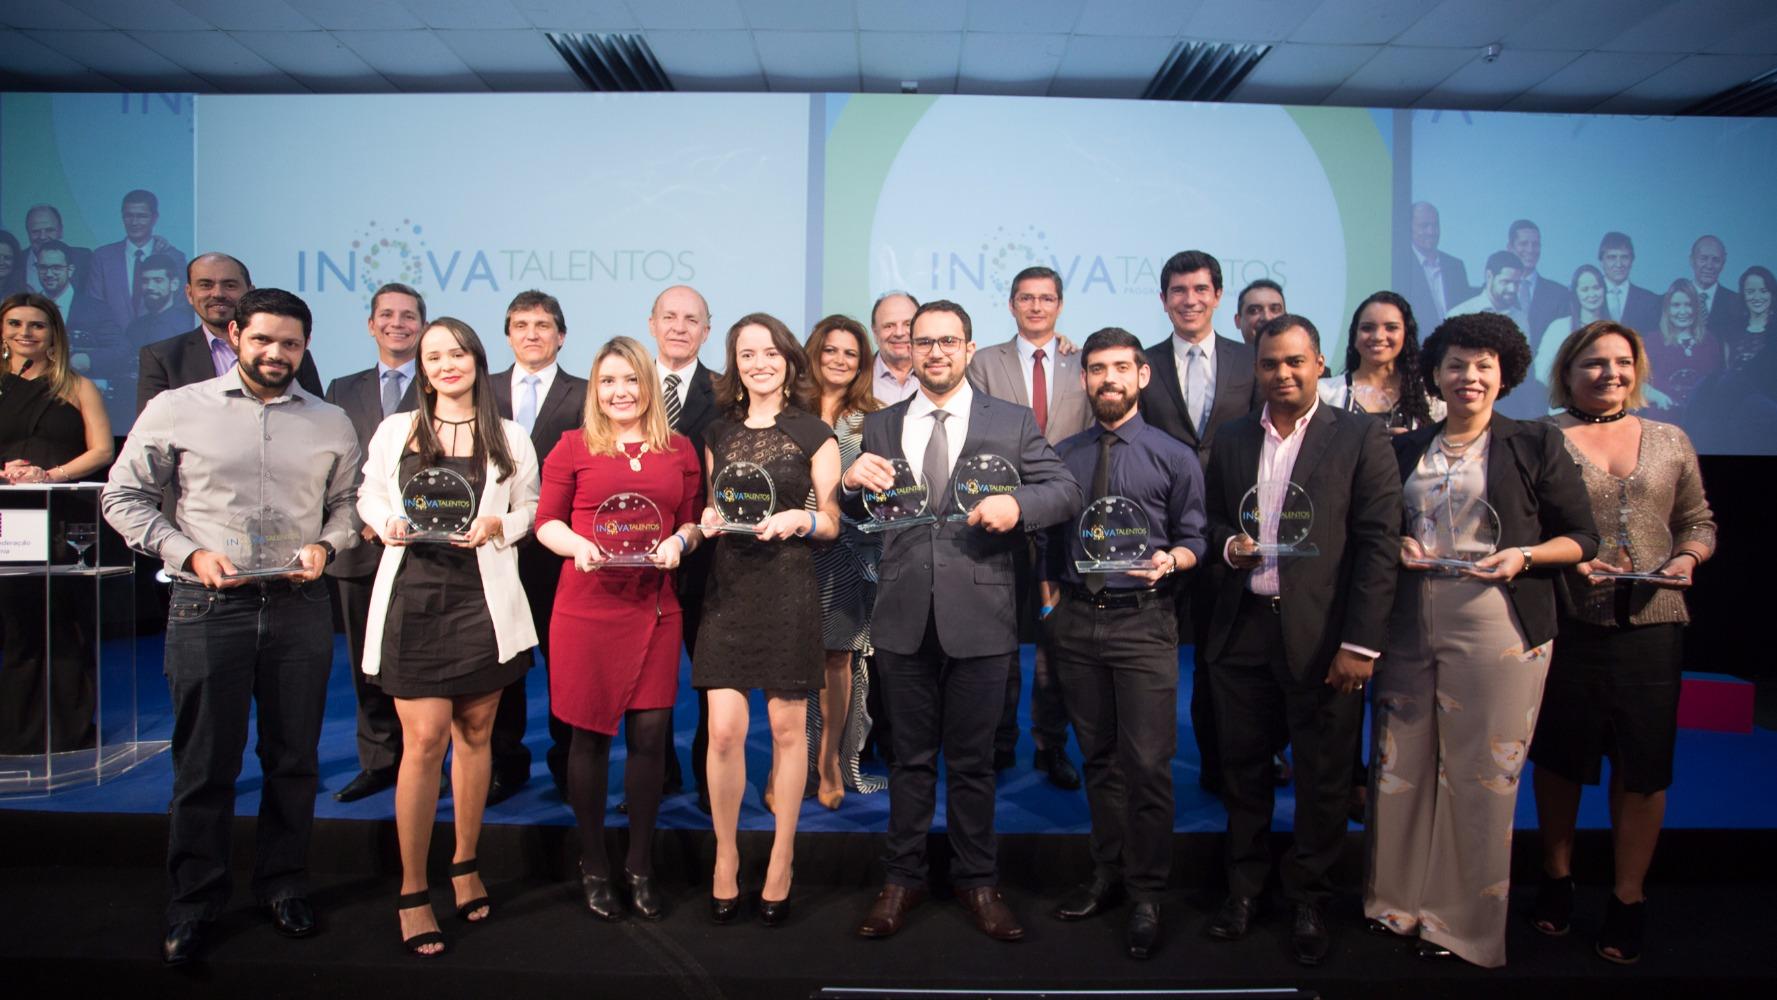 Vencedores do Prêmio Inova Talentos 2017 são anunciados em solenidade do IEL em Curitiba